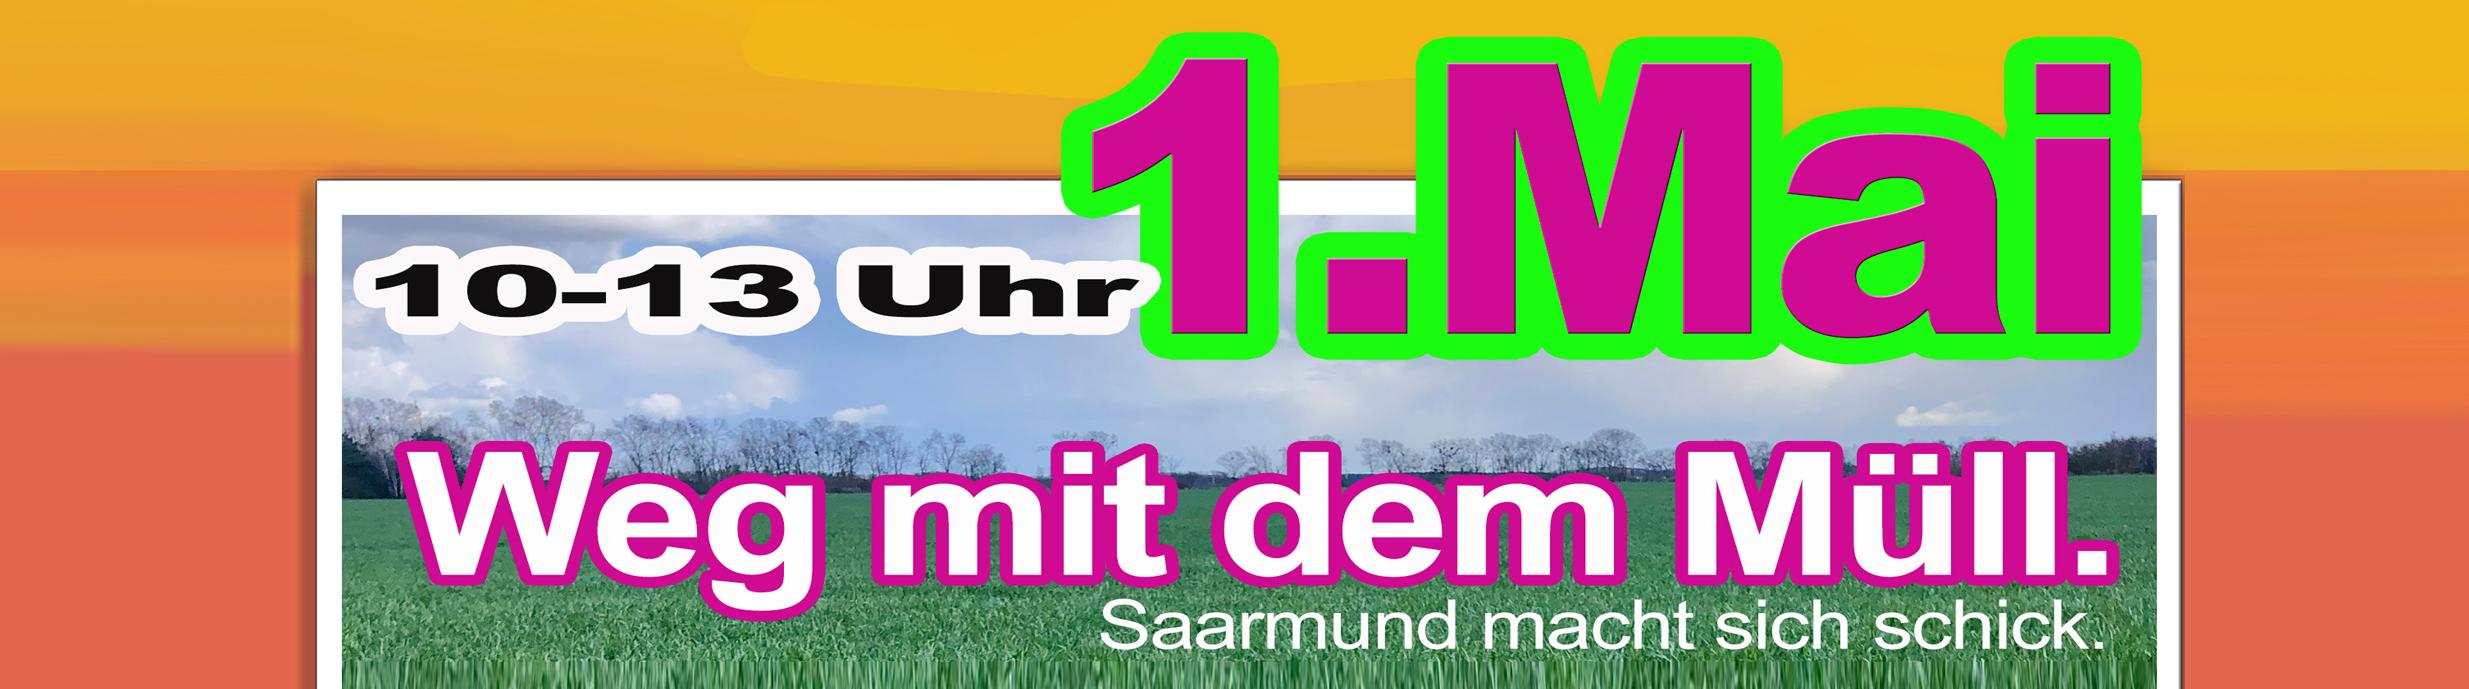 Bürgertreff Saarmund